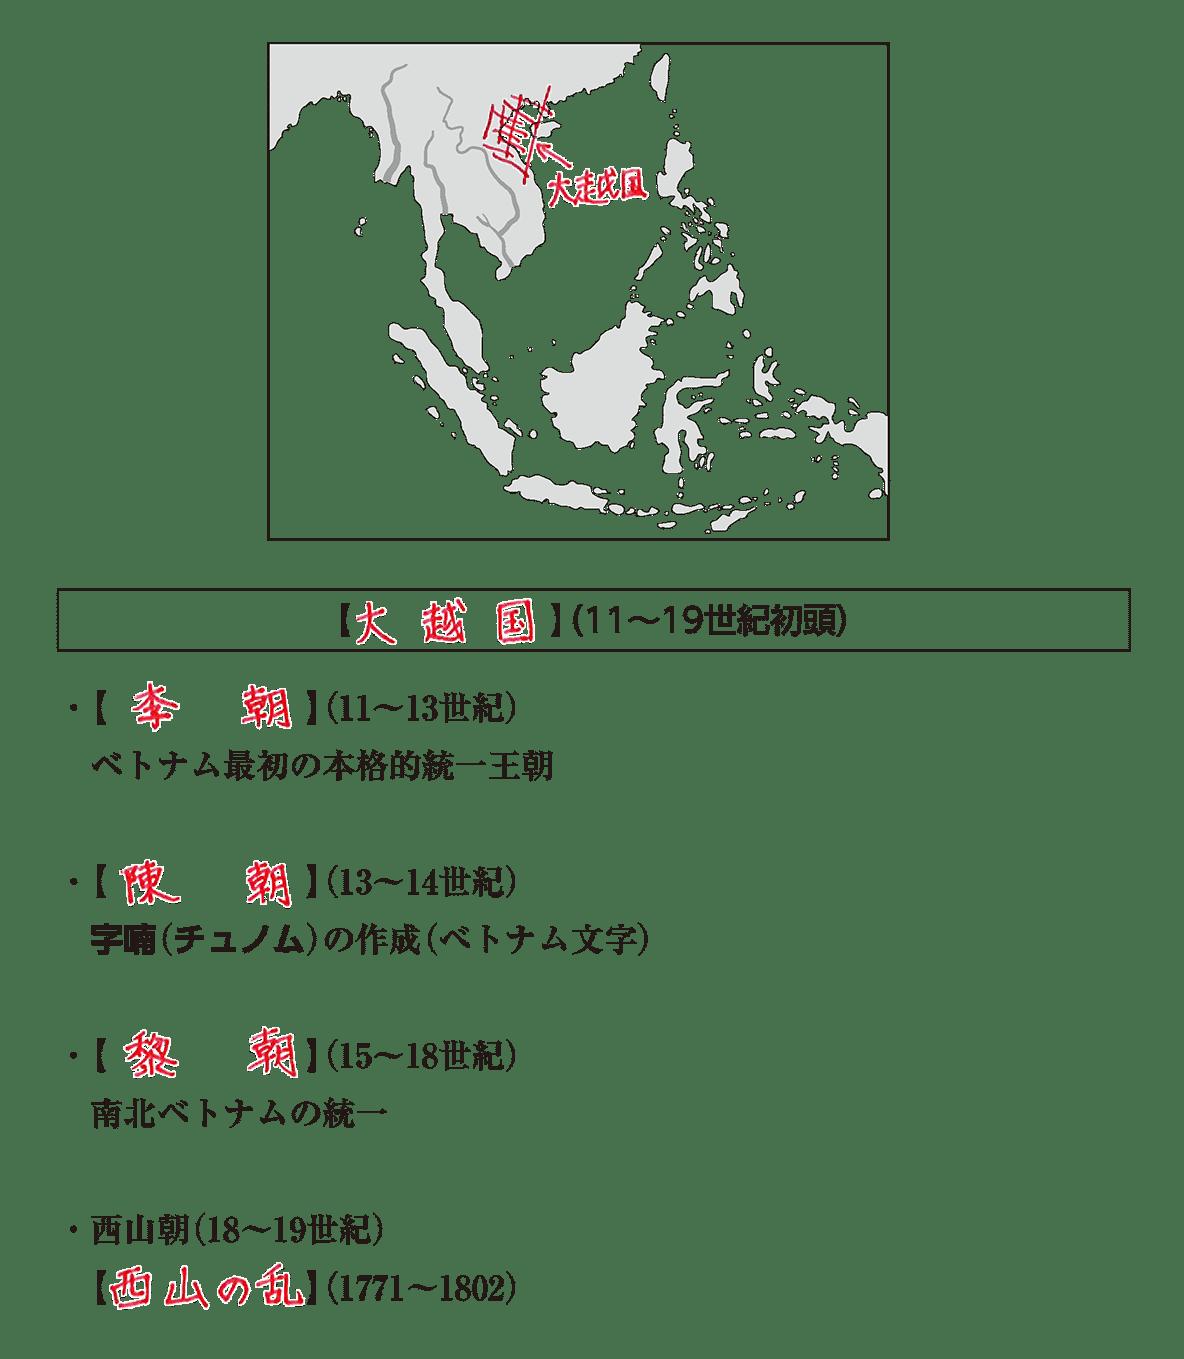 高校世界史 東南アジア前近代史2 ポイント3 答え全部